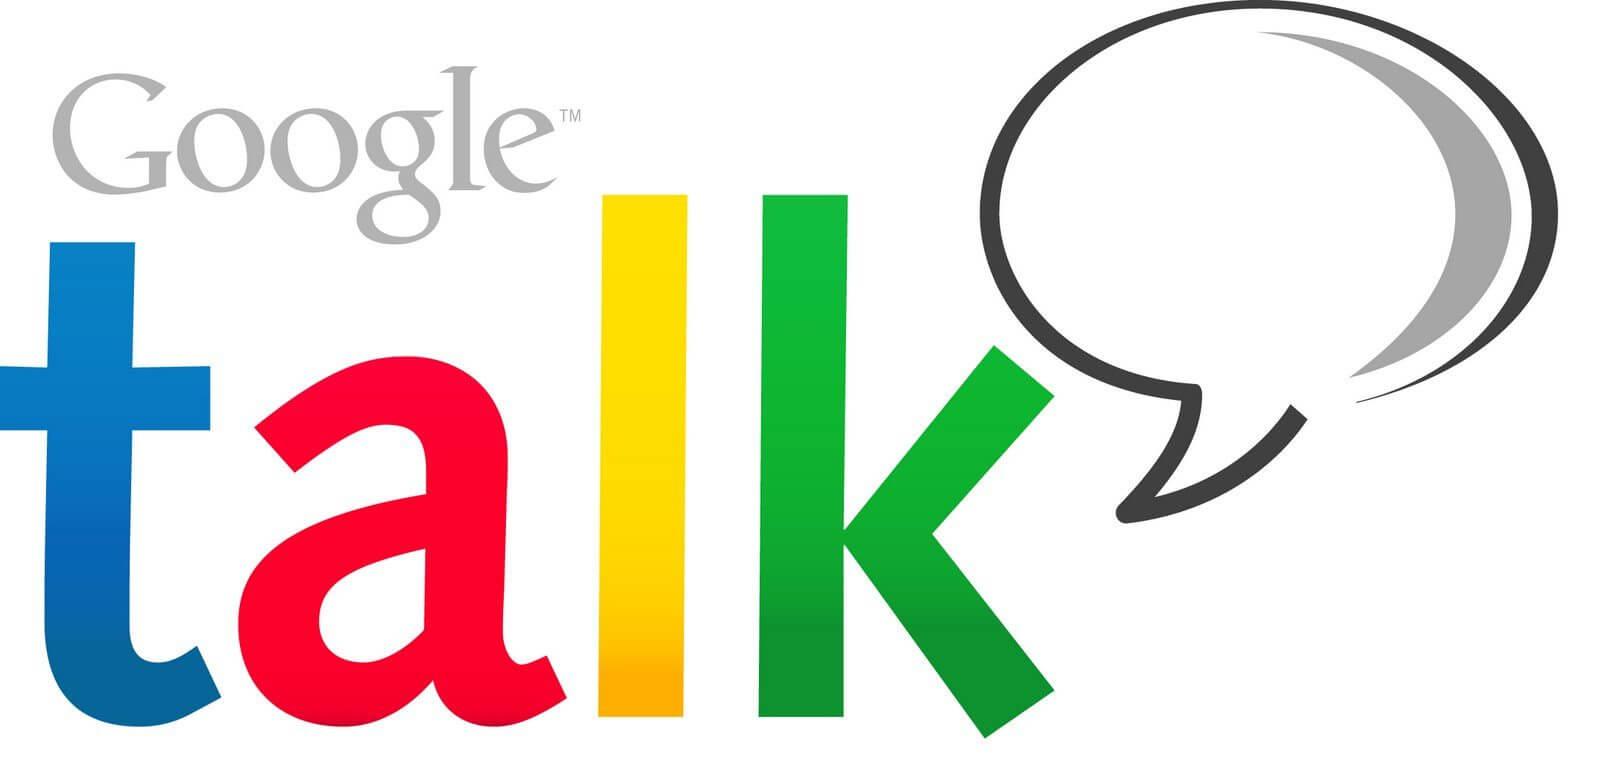 google-talk-gtalk-logo